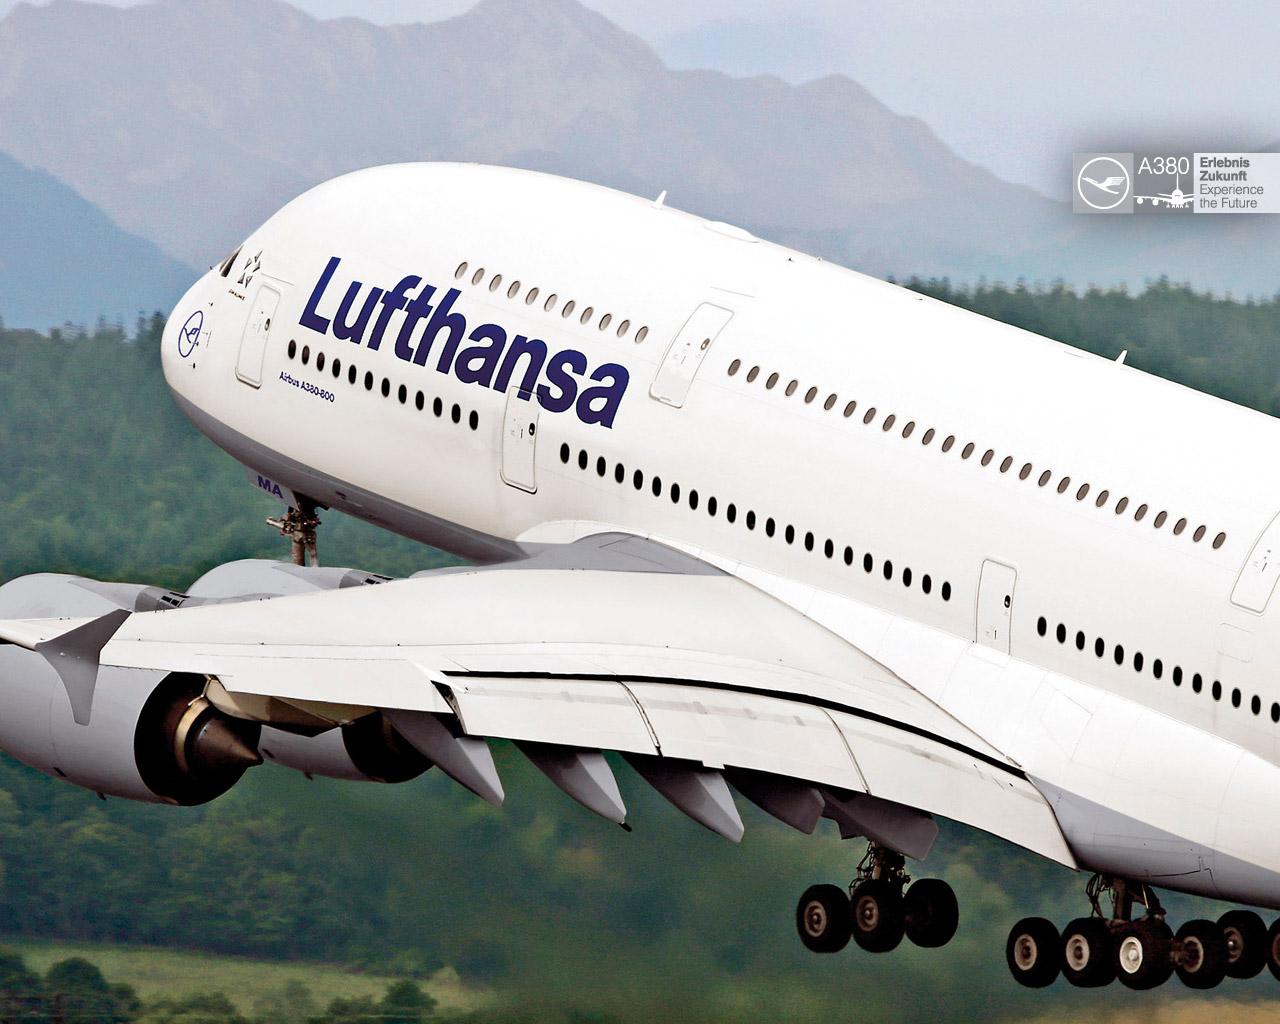 http://4.bp.blogspot.com/_YFDy5j0P3dU/S92rCsseepI/AAAAAAAACOc/IpygeYTtQWQ/s1600/A380_wallpaper_1280x1024_04.jpg